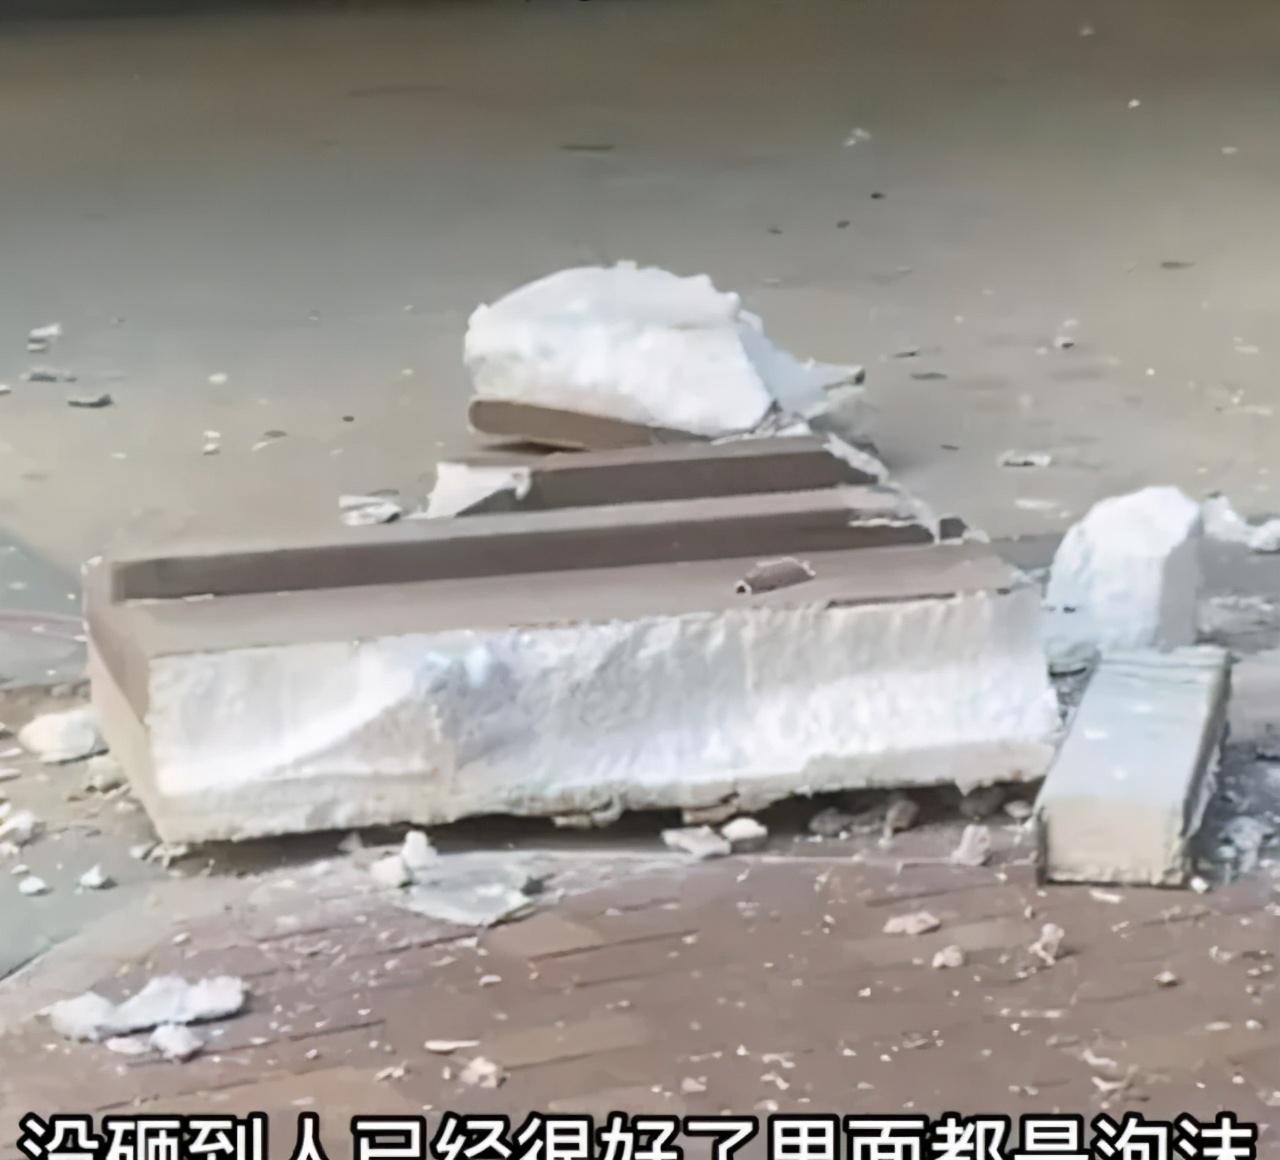 大风导致福建、内蒙古等多个小区外墙保温层大块掉落!轿车受损